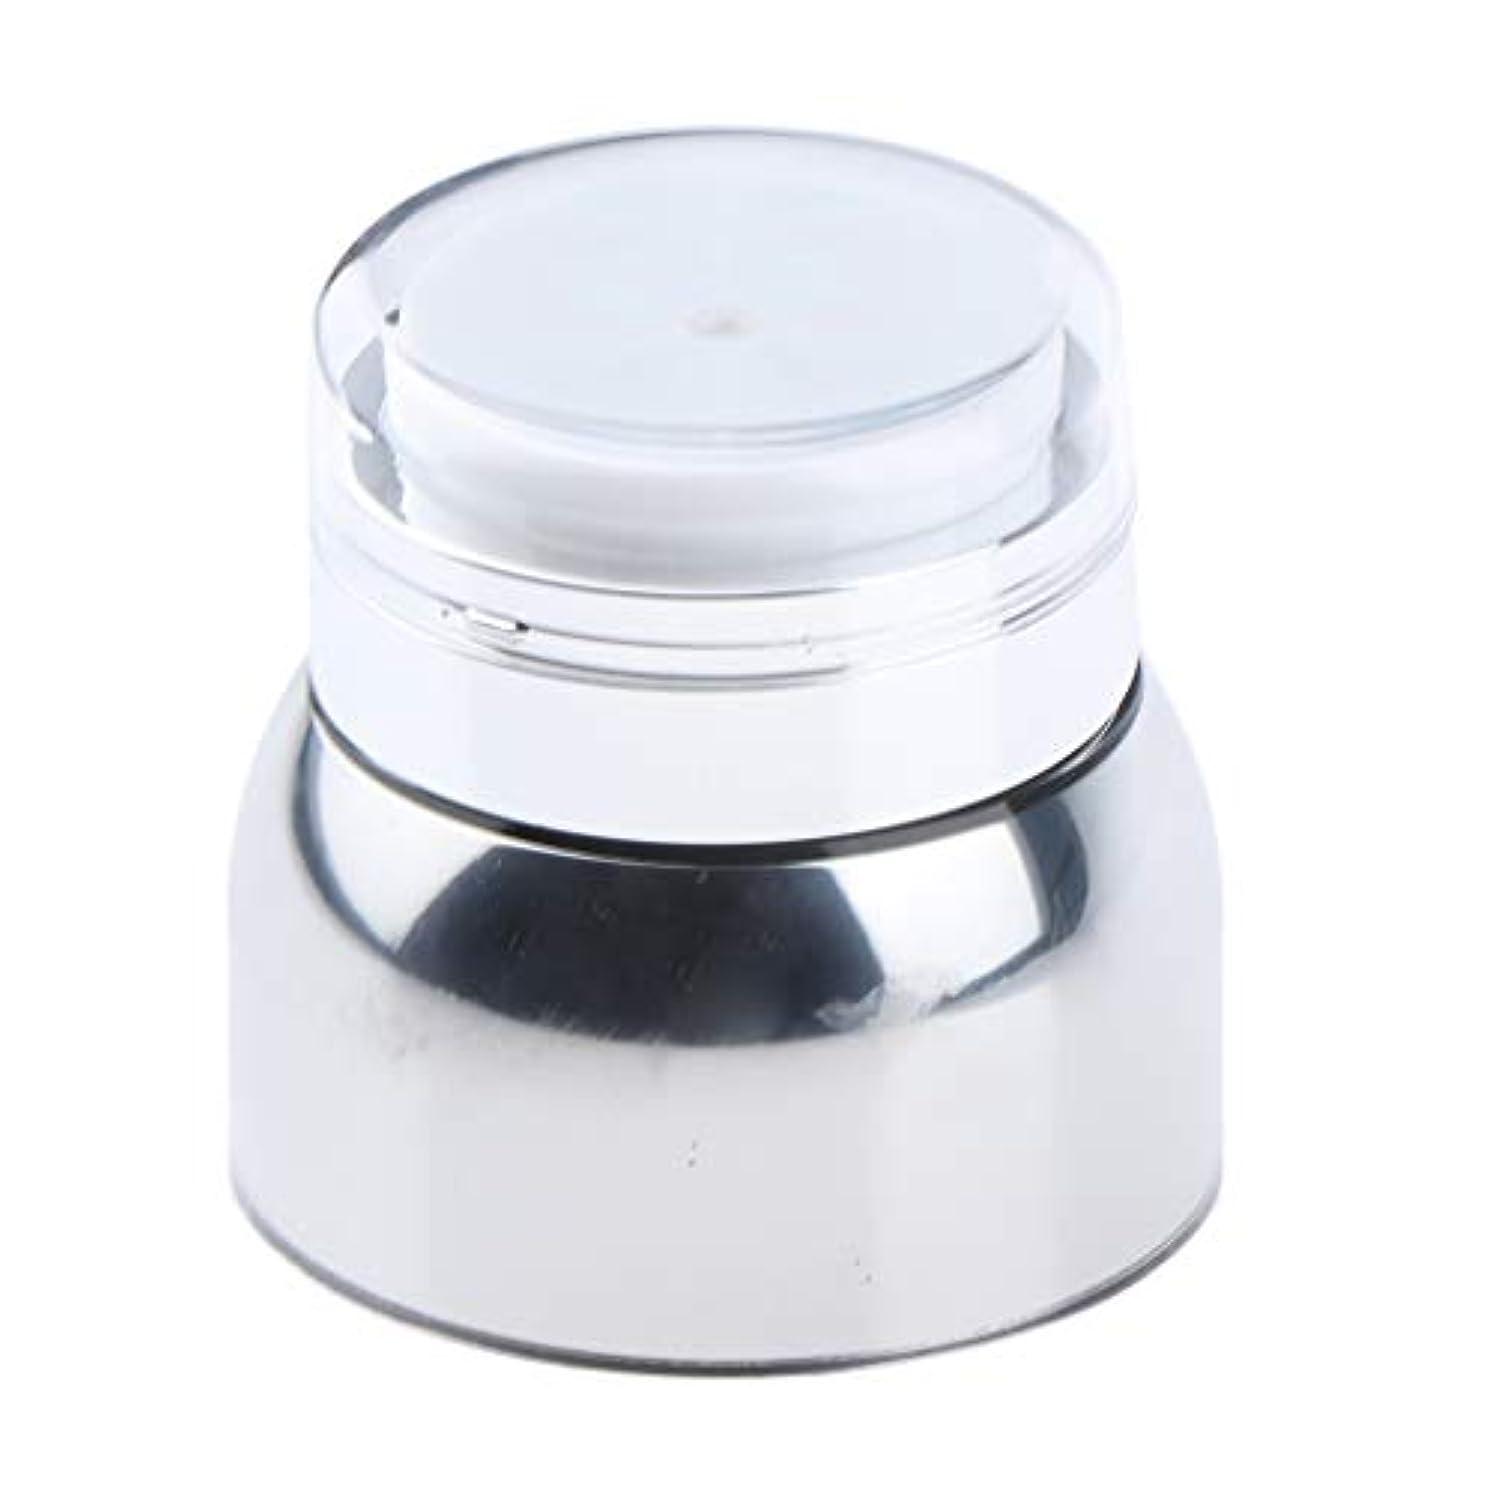 消える投げる汗B Blesiya 50g 真空化粧品ジャー メイクボックス 化粧品容器 ローション クリーム 高品質